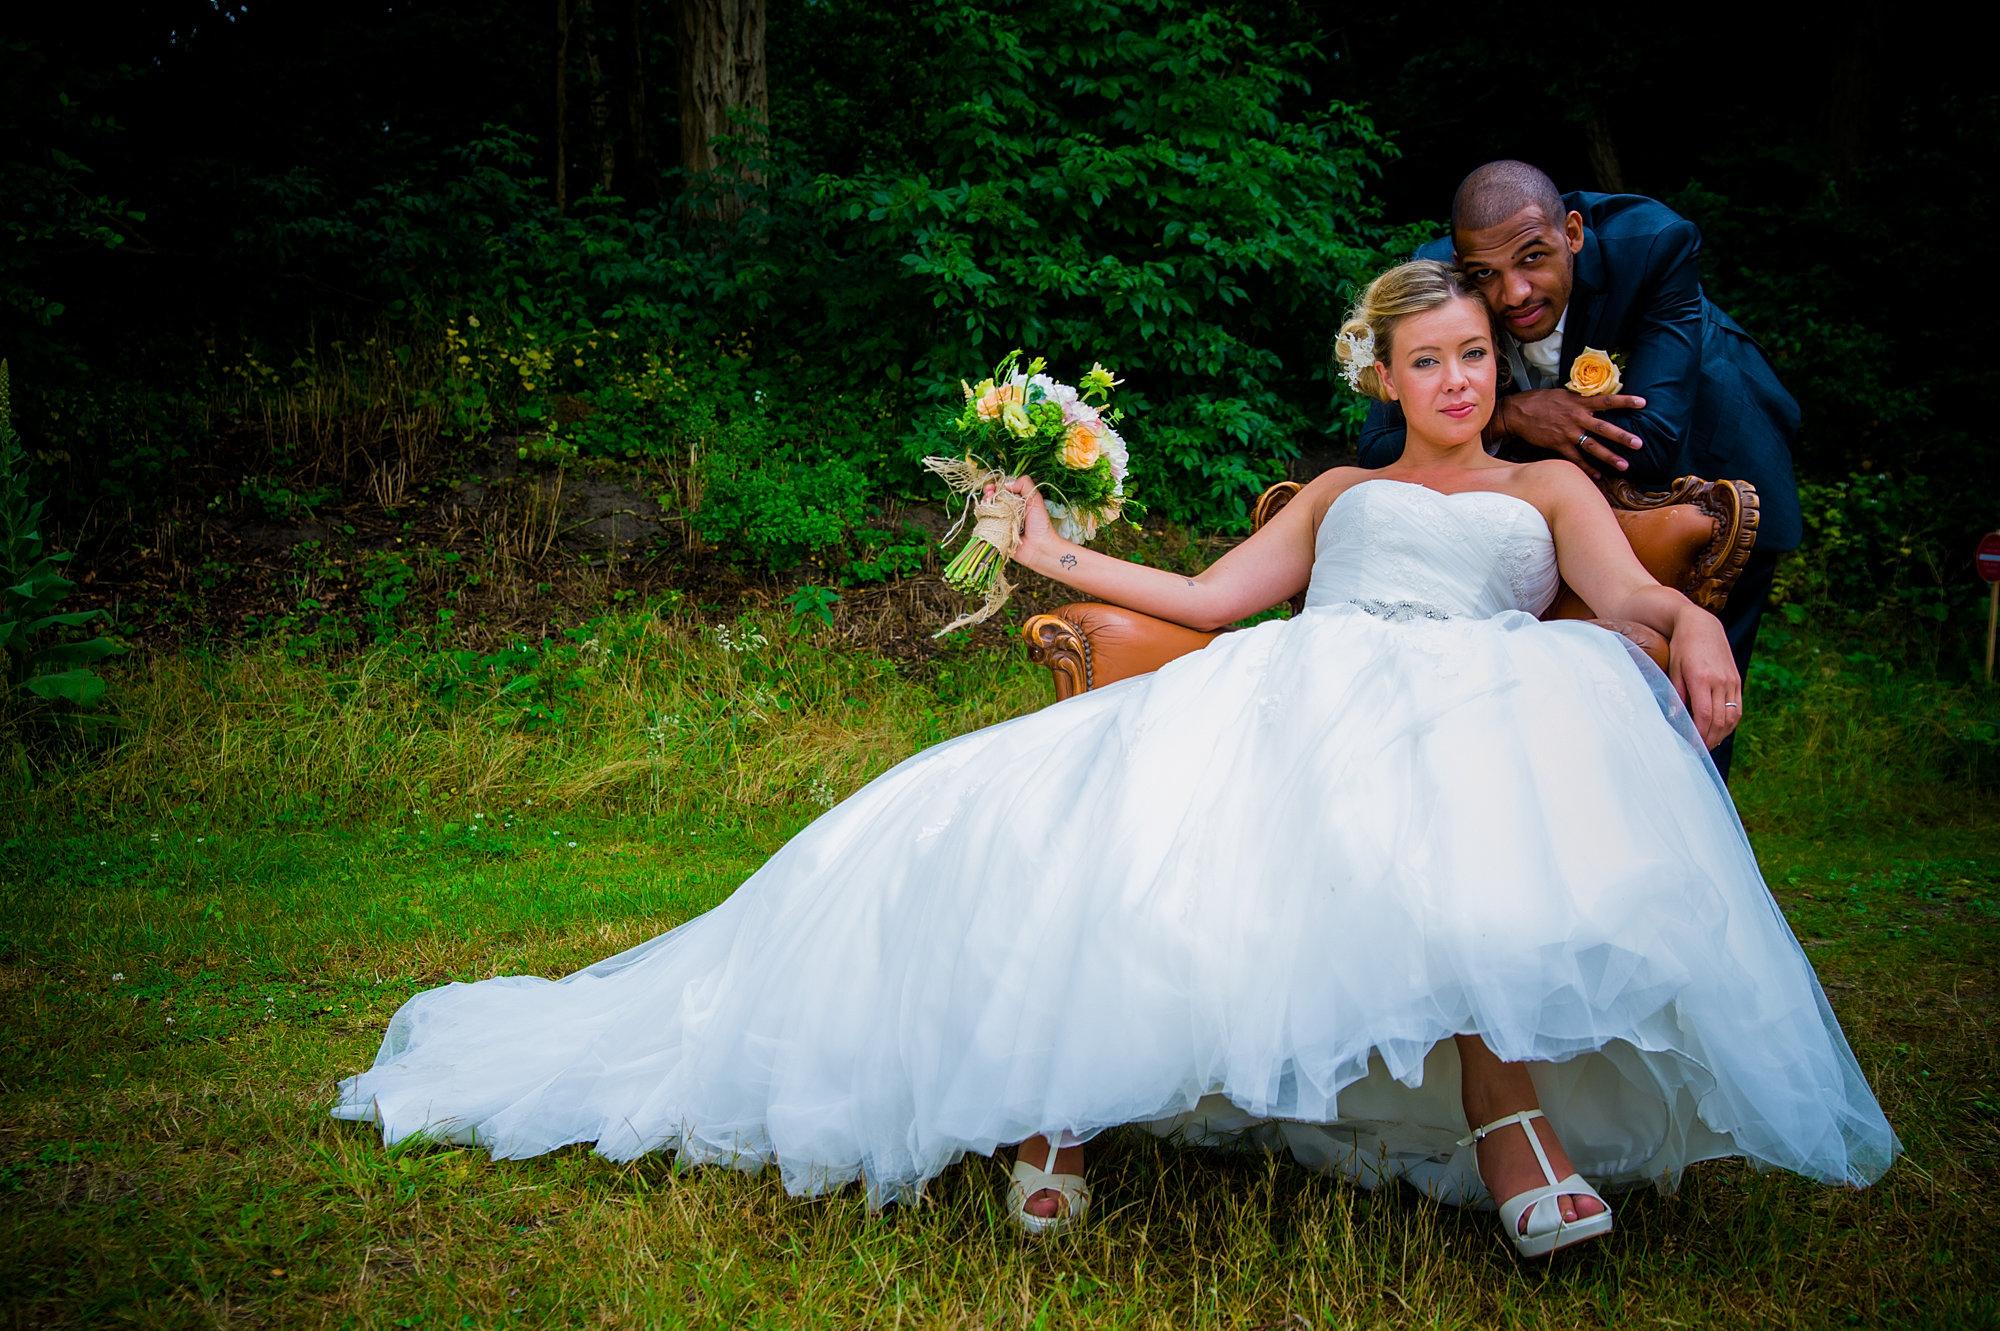 nl doury photography photographe mariage portrait nouveau n lifestyle mariage val doise - Photographe Mariage Val D Oise